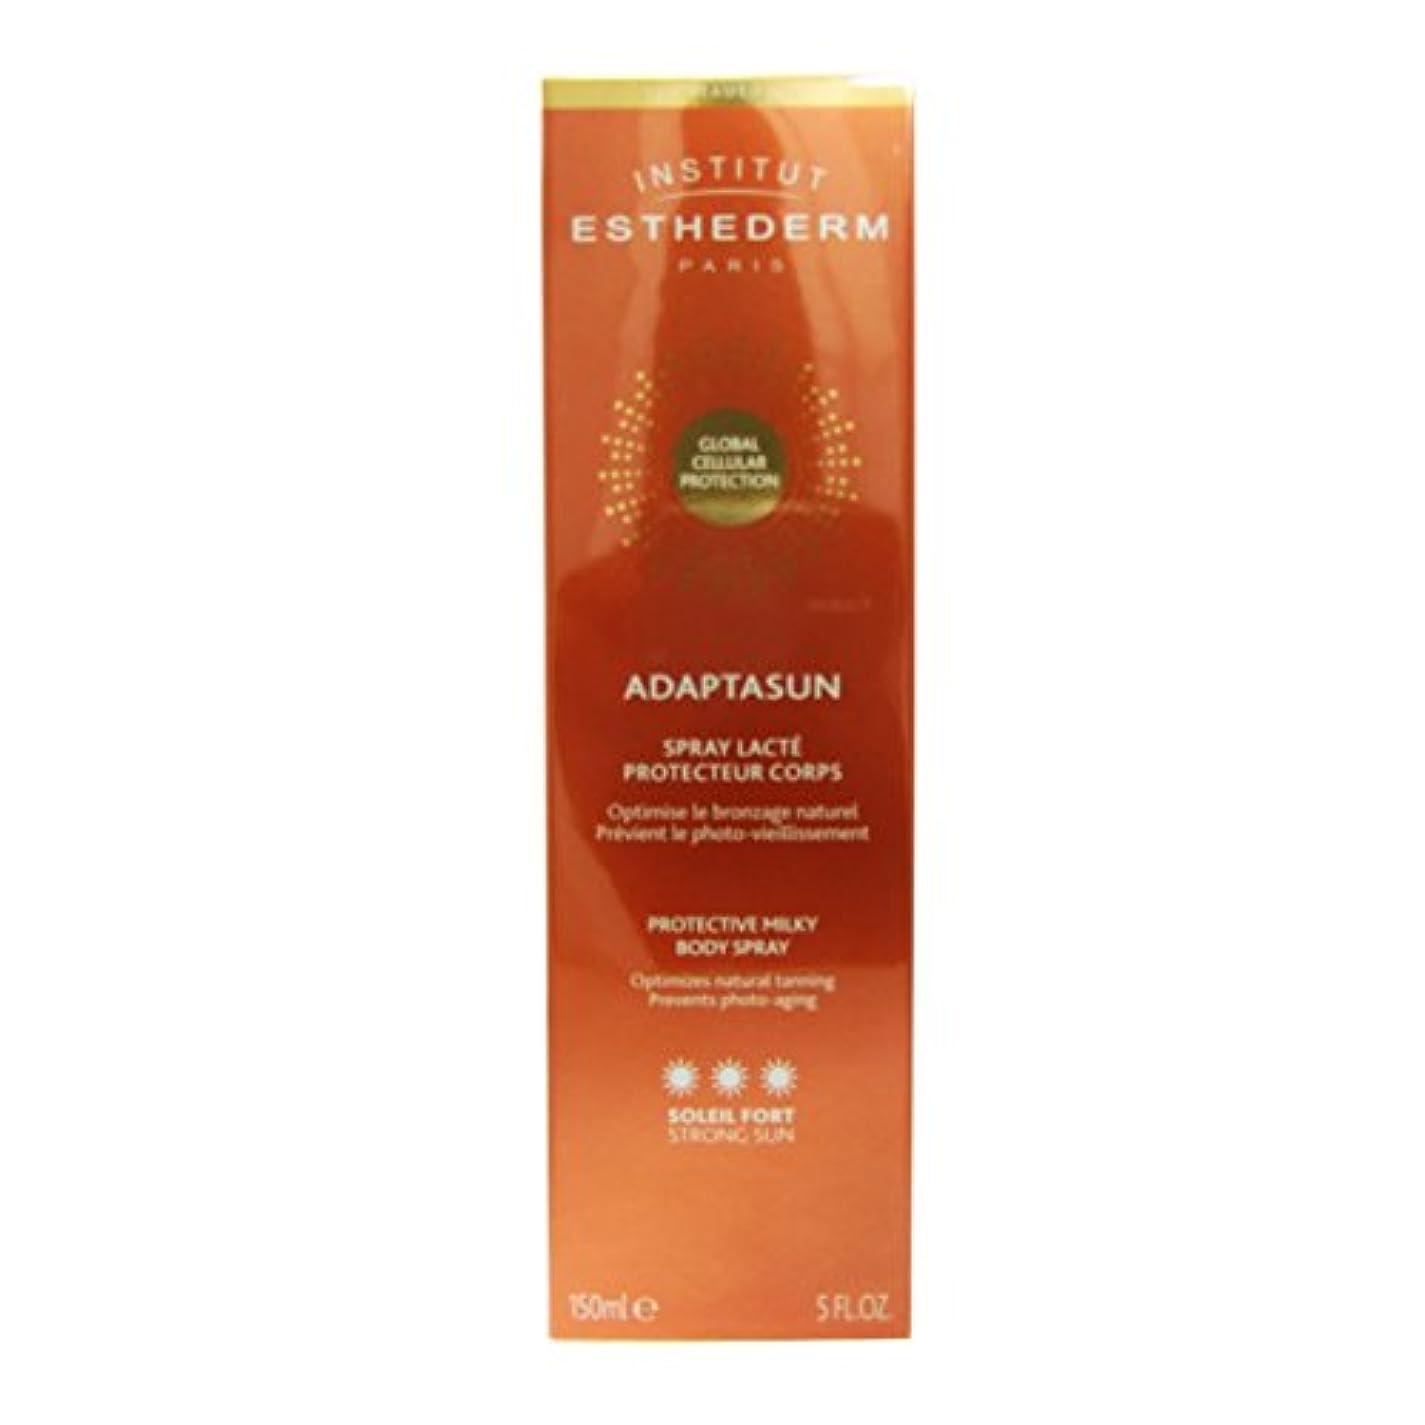 洗練因子描くInstitut Esthederm Adaptasun Protective Milky Body Spray Strong Sun 150ml [並行輸入品]